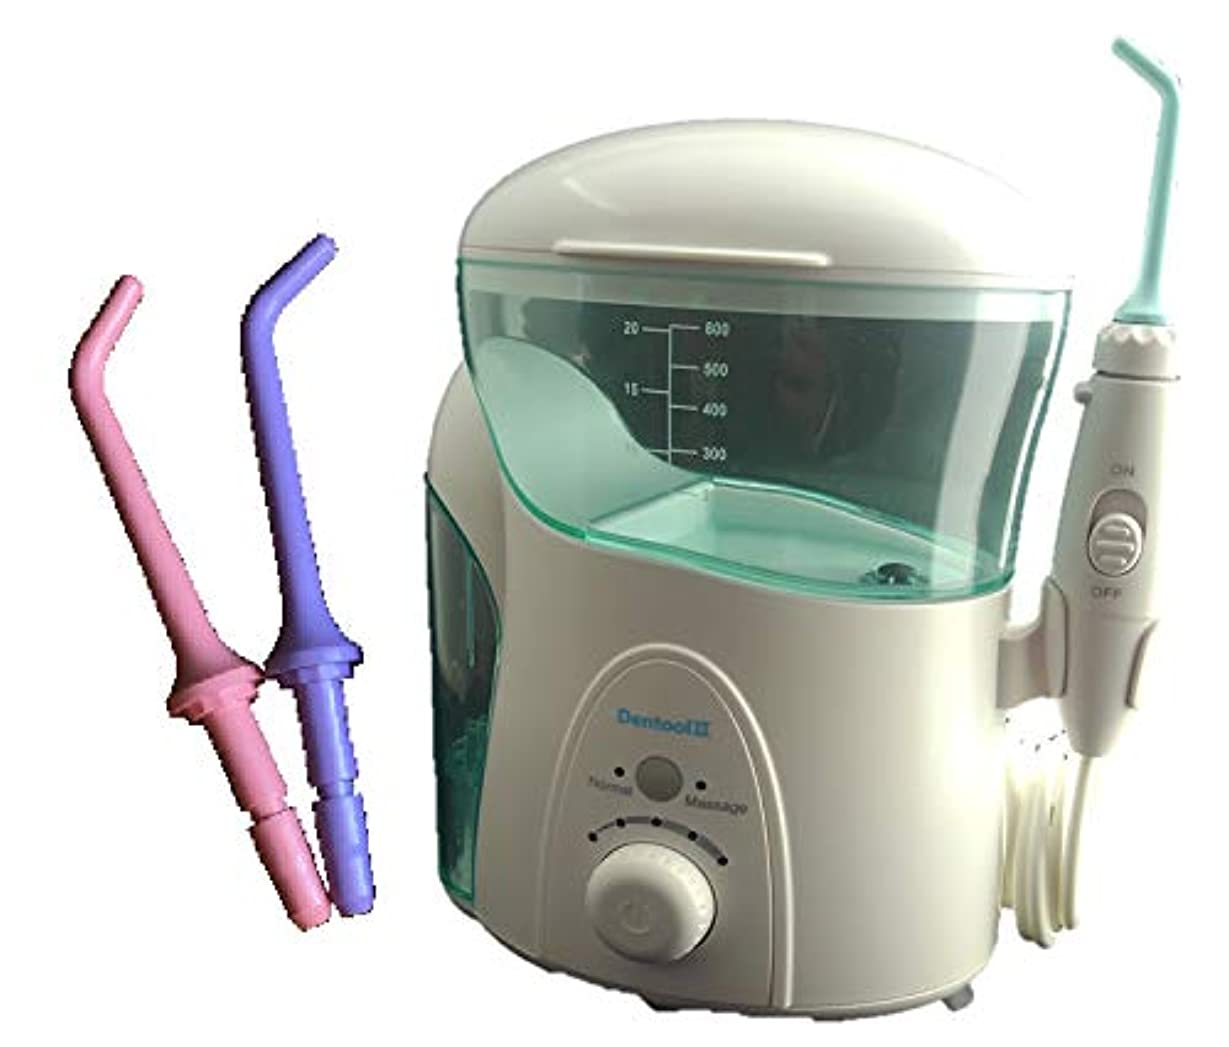 歯科医はげパンチ歯周ポケットクリーナー「デントール2」